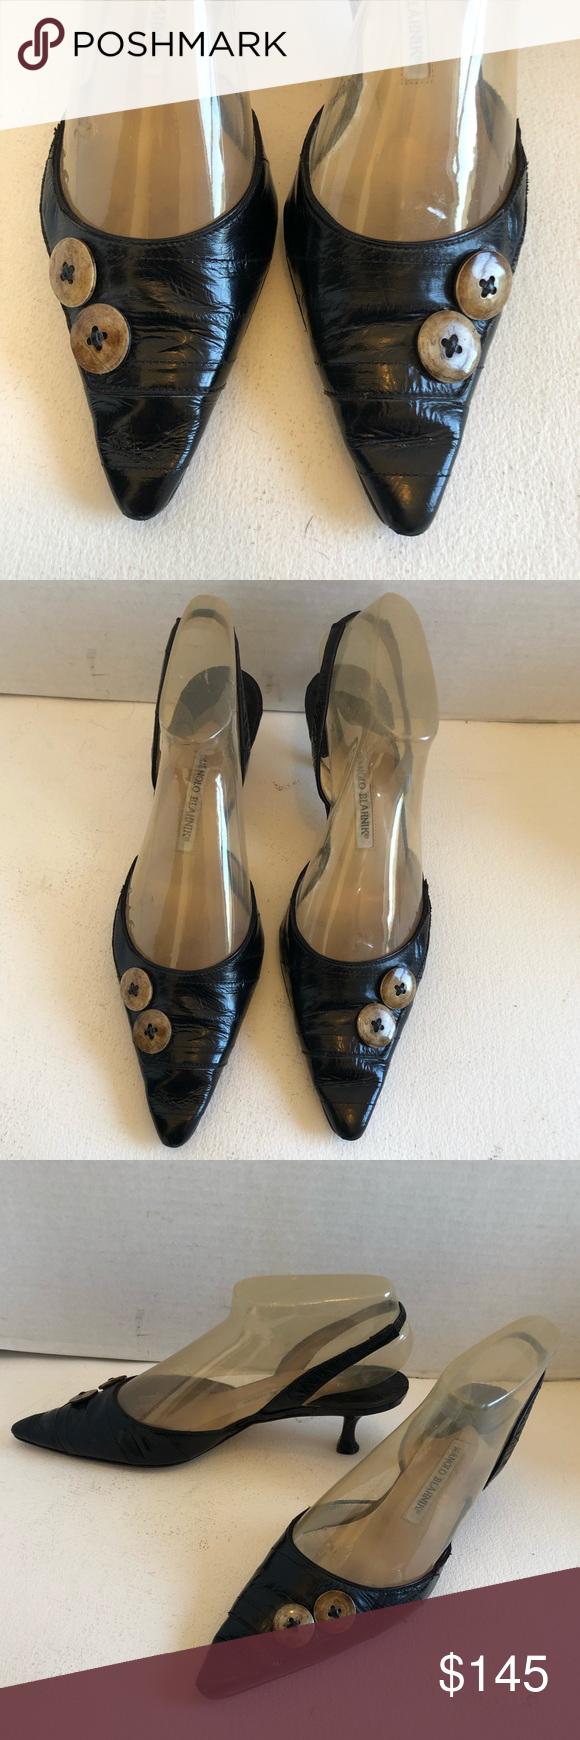 Manolo Blahnik Eel Skin Button Sling Back Heels Manolo Blahnik Kitten Heel Shoes Shoes Women Heels